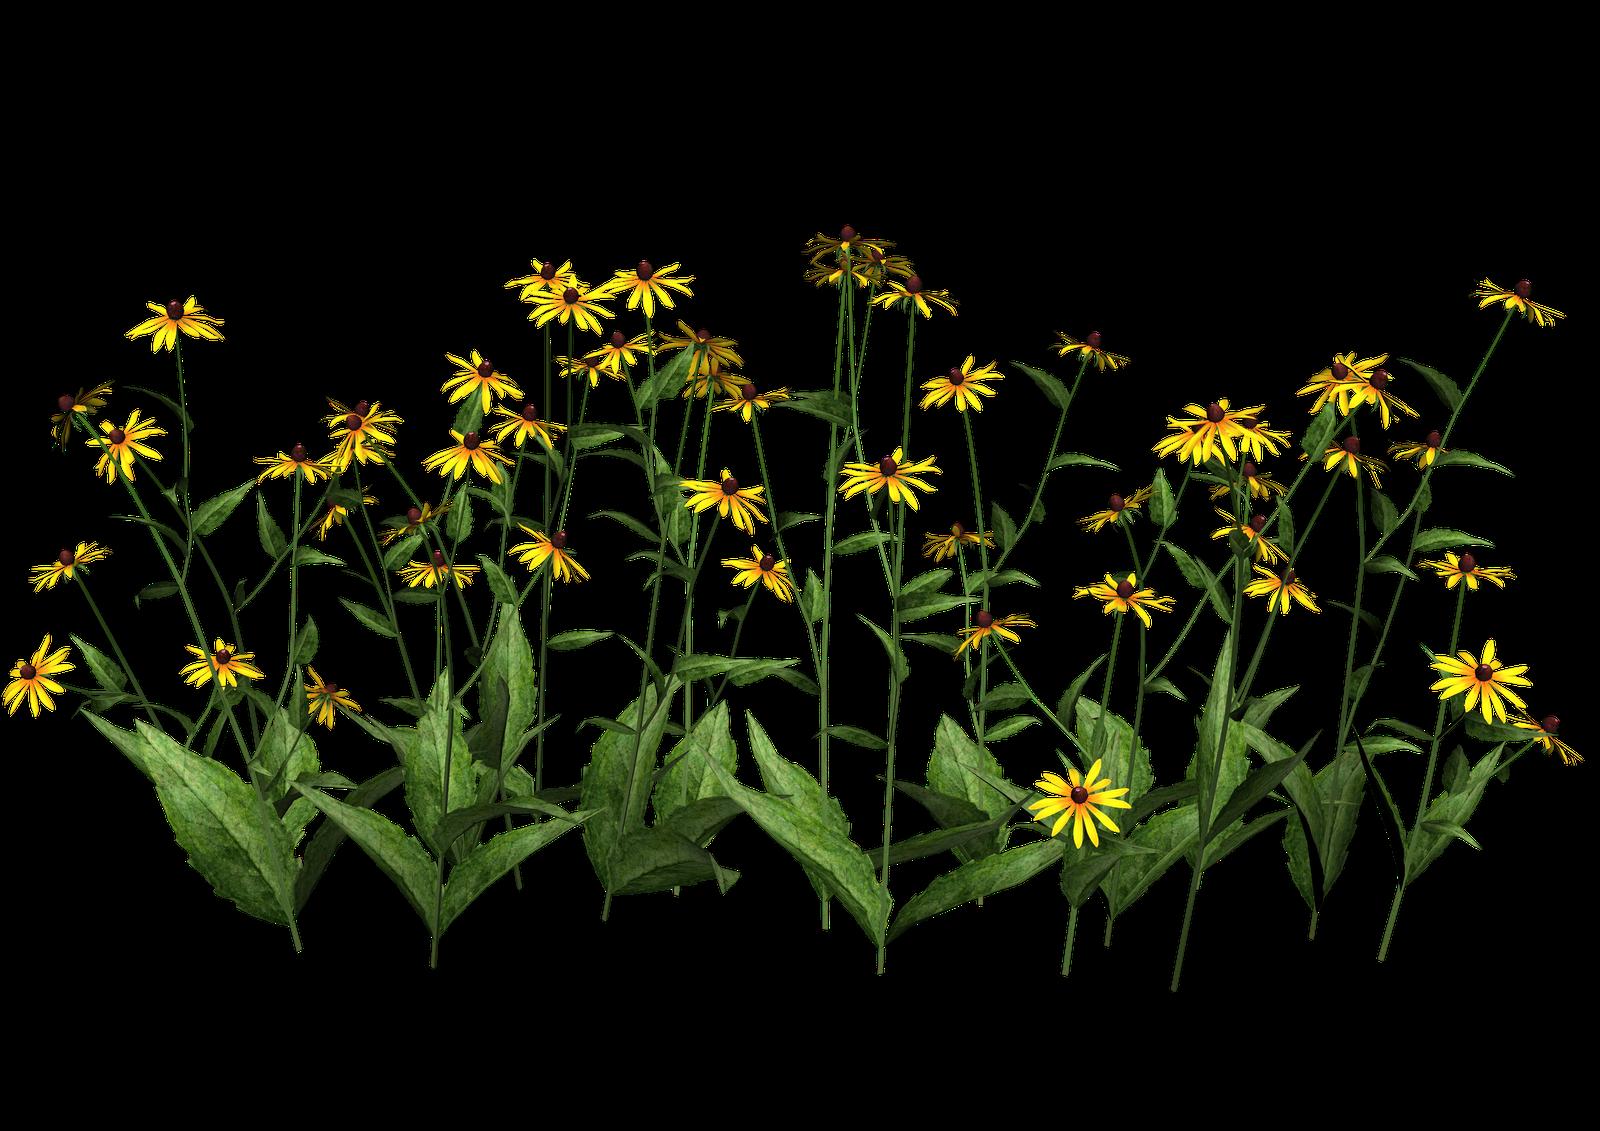 misc plant png Plant images, Plants, Flower pots